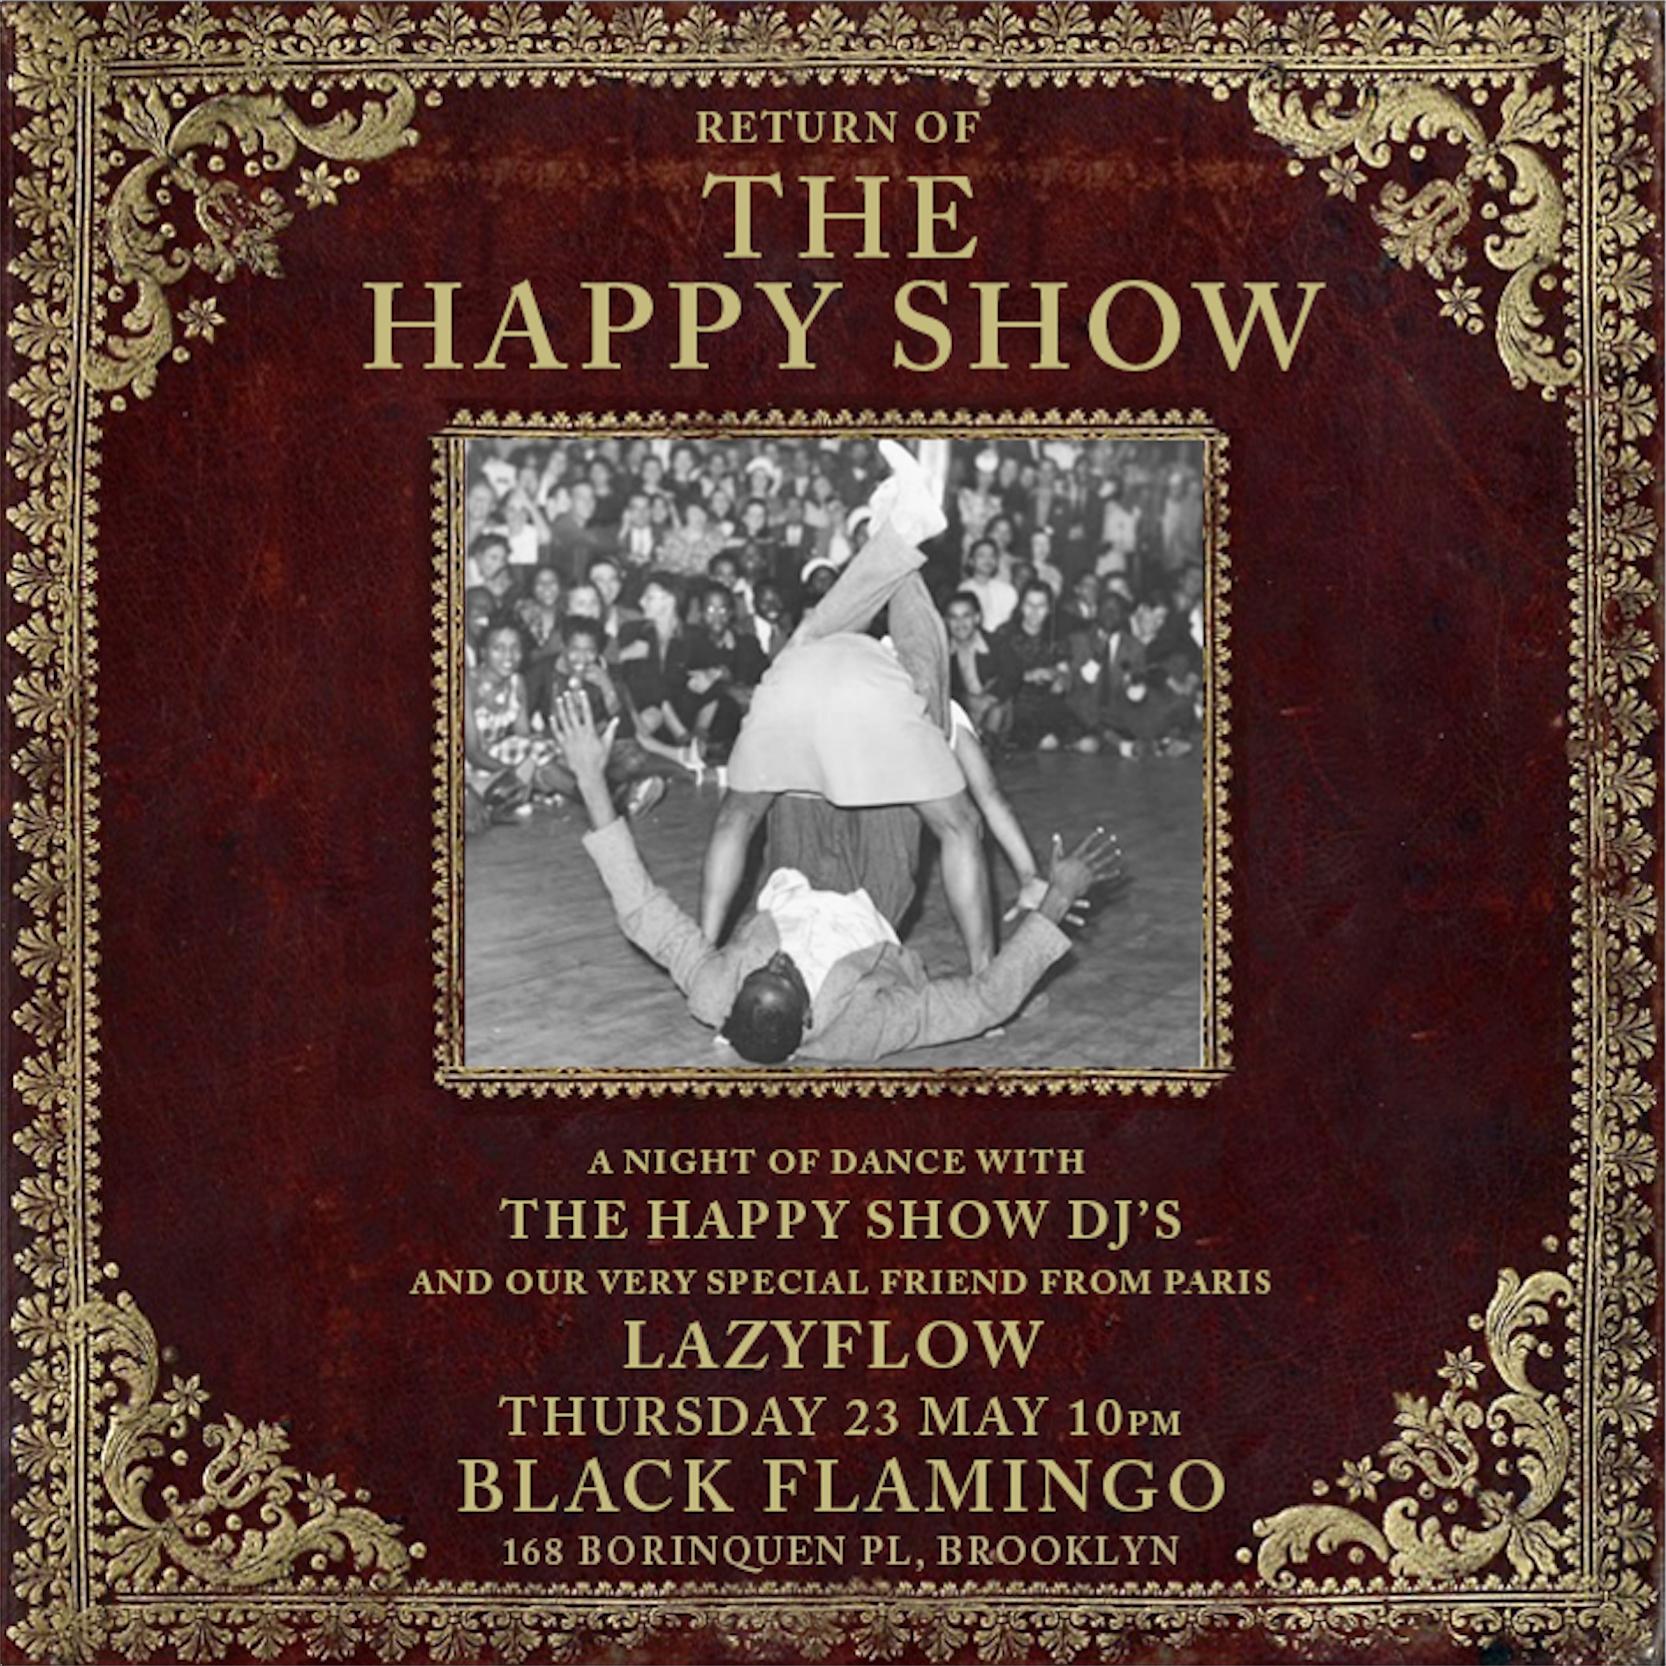 The Happy Show & Lazyflow copy.jpg